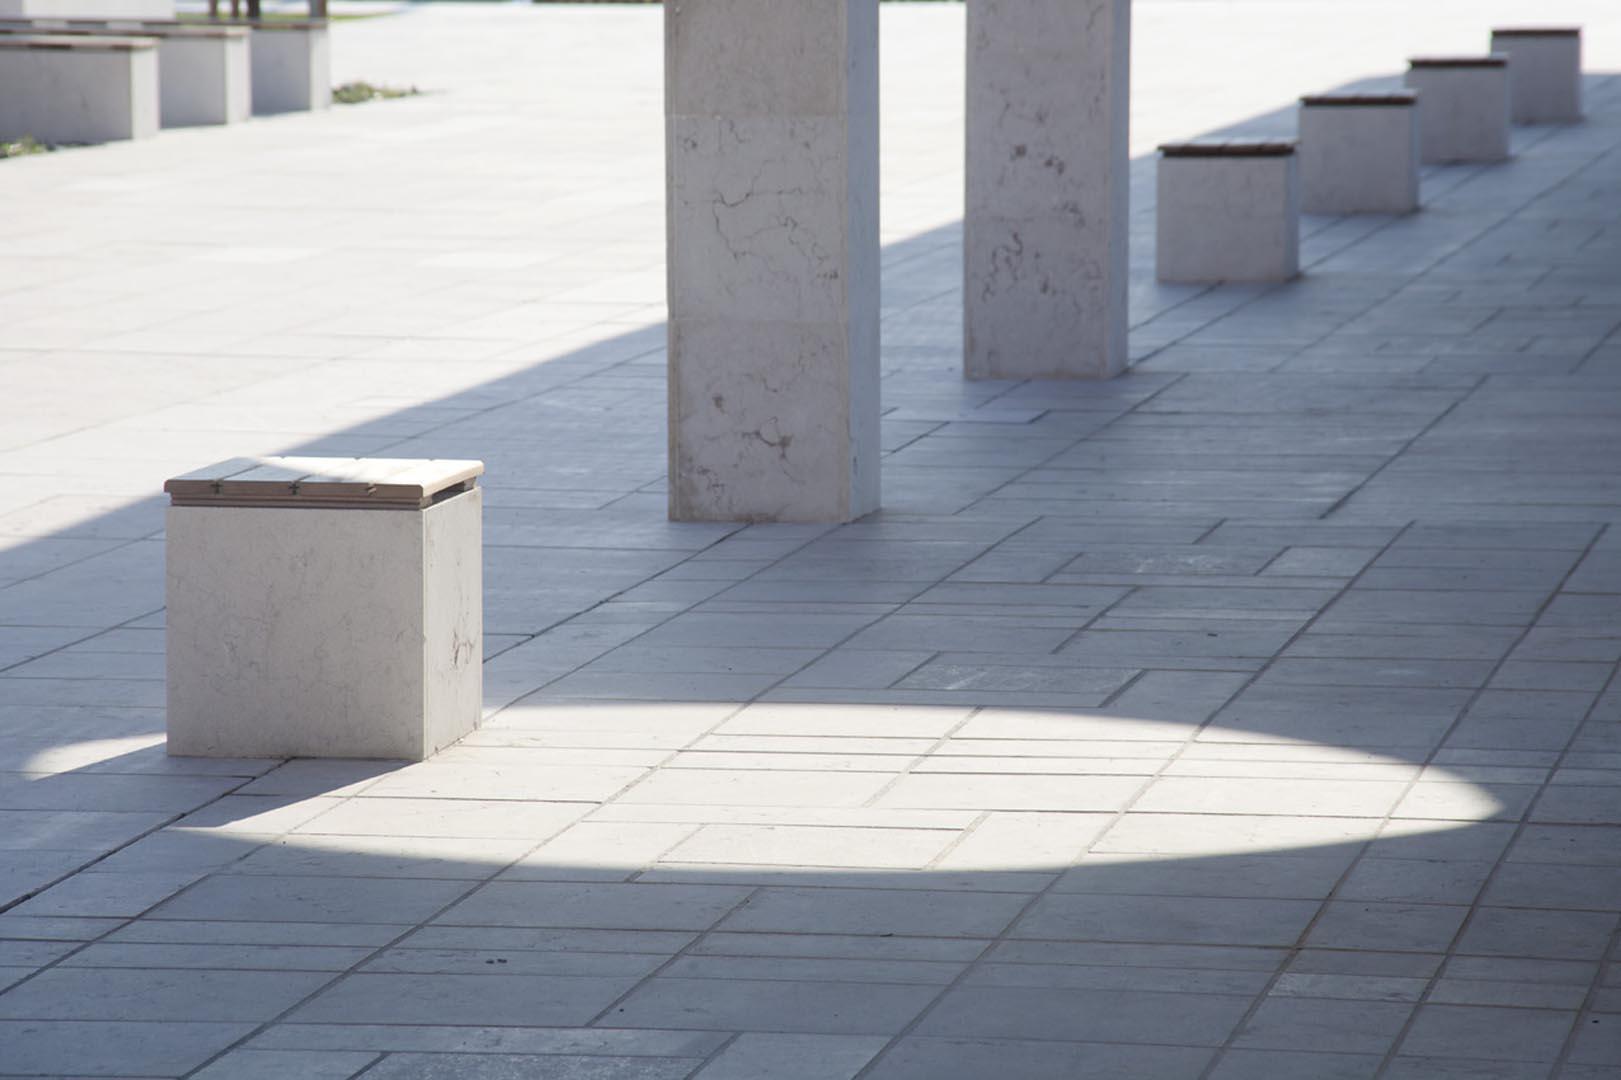 Dettaglio urbanistico realizzato in Marmo Grolla in Piazza Europa a Noventa Padovana